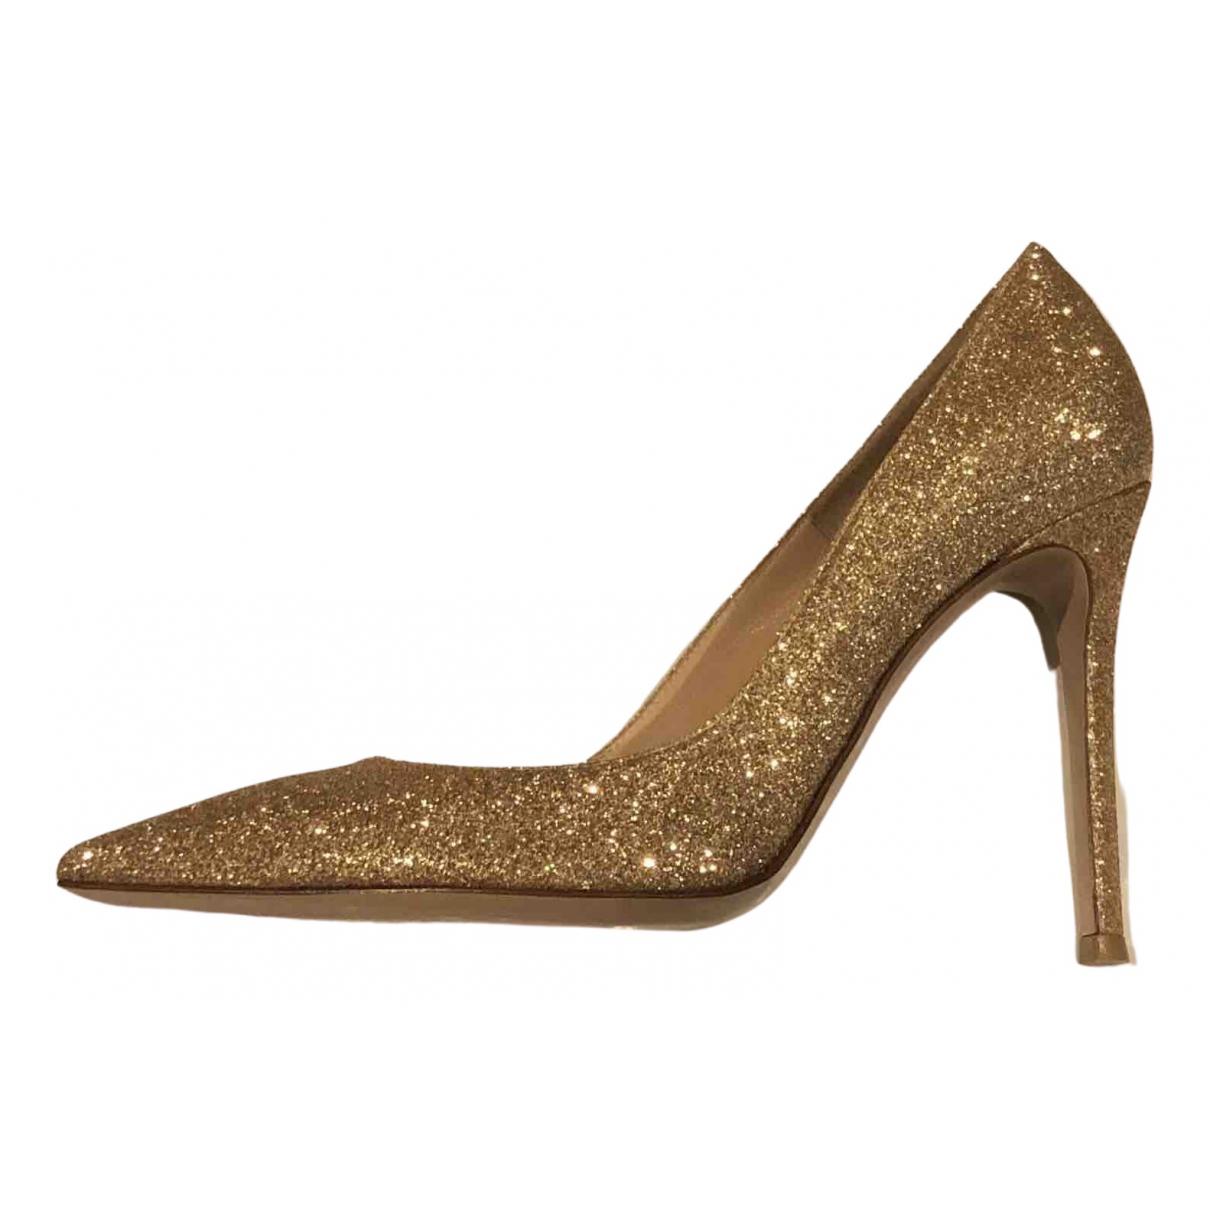 Gianvito Rossi Gianvito Gold Glitter Heels for Women 37.5 EU